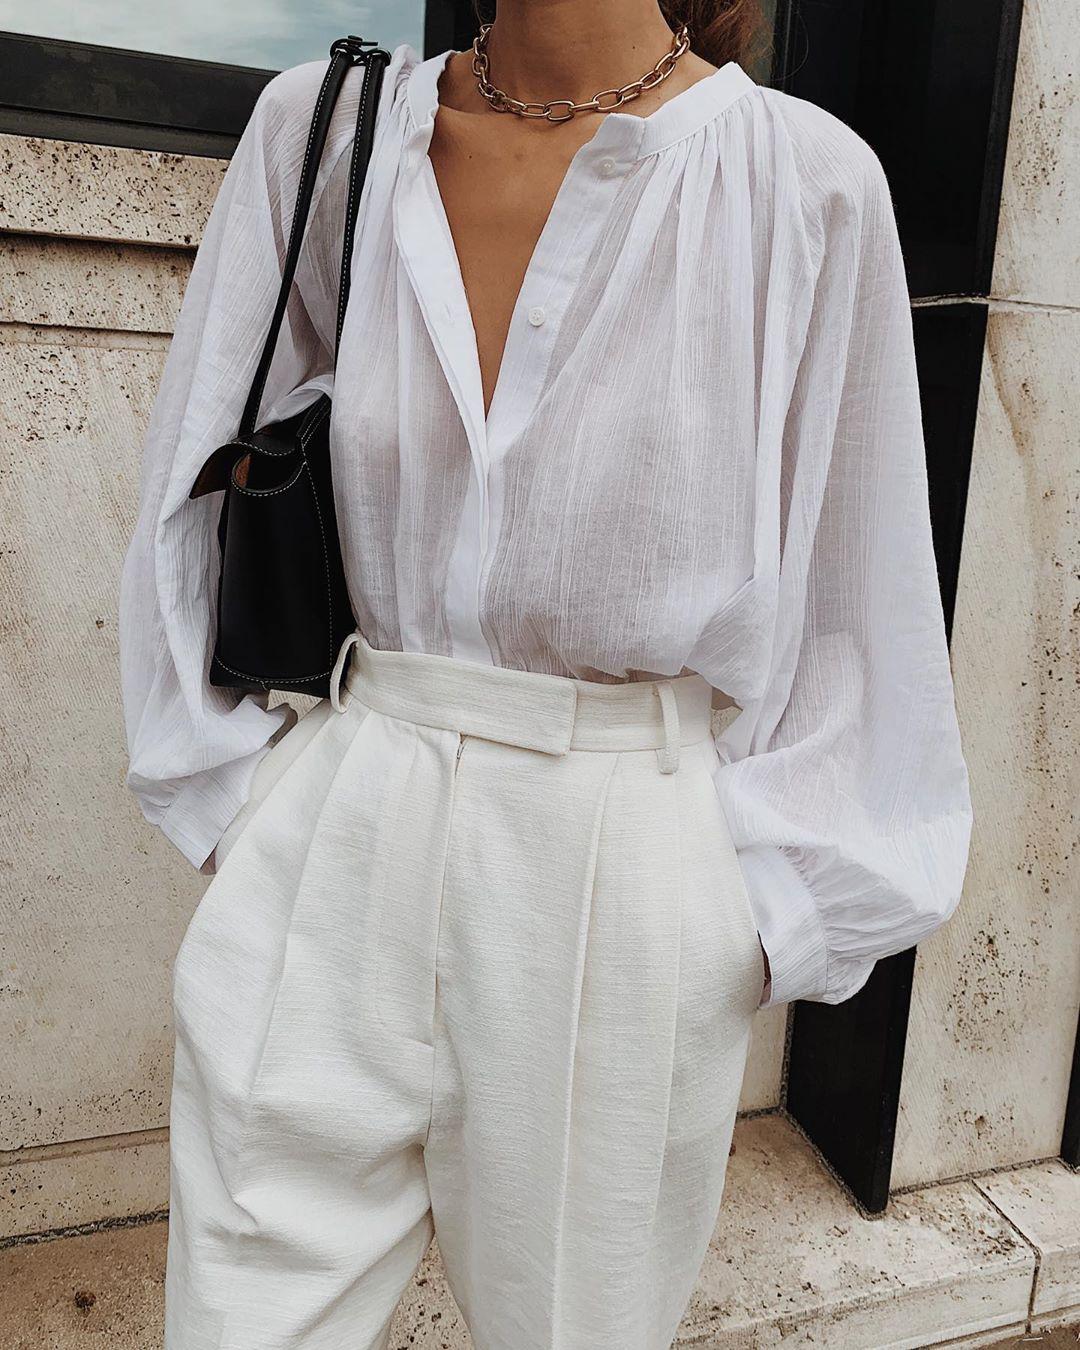 áo sơ mi trắng vải xô phong cách tối giản